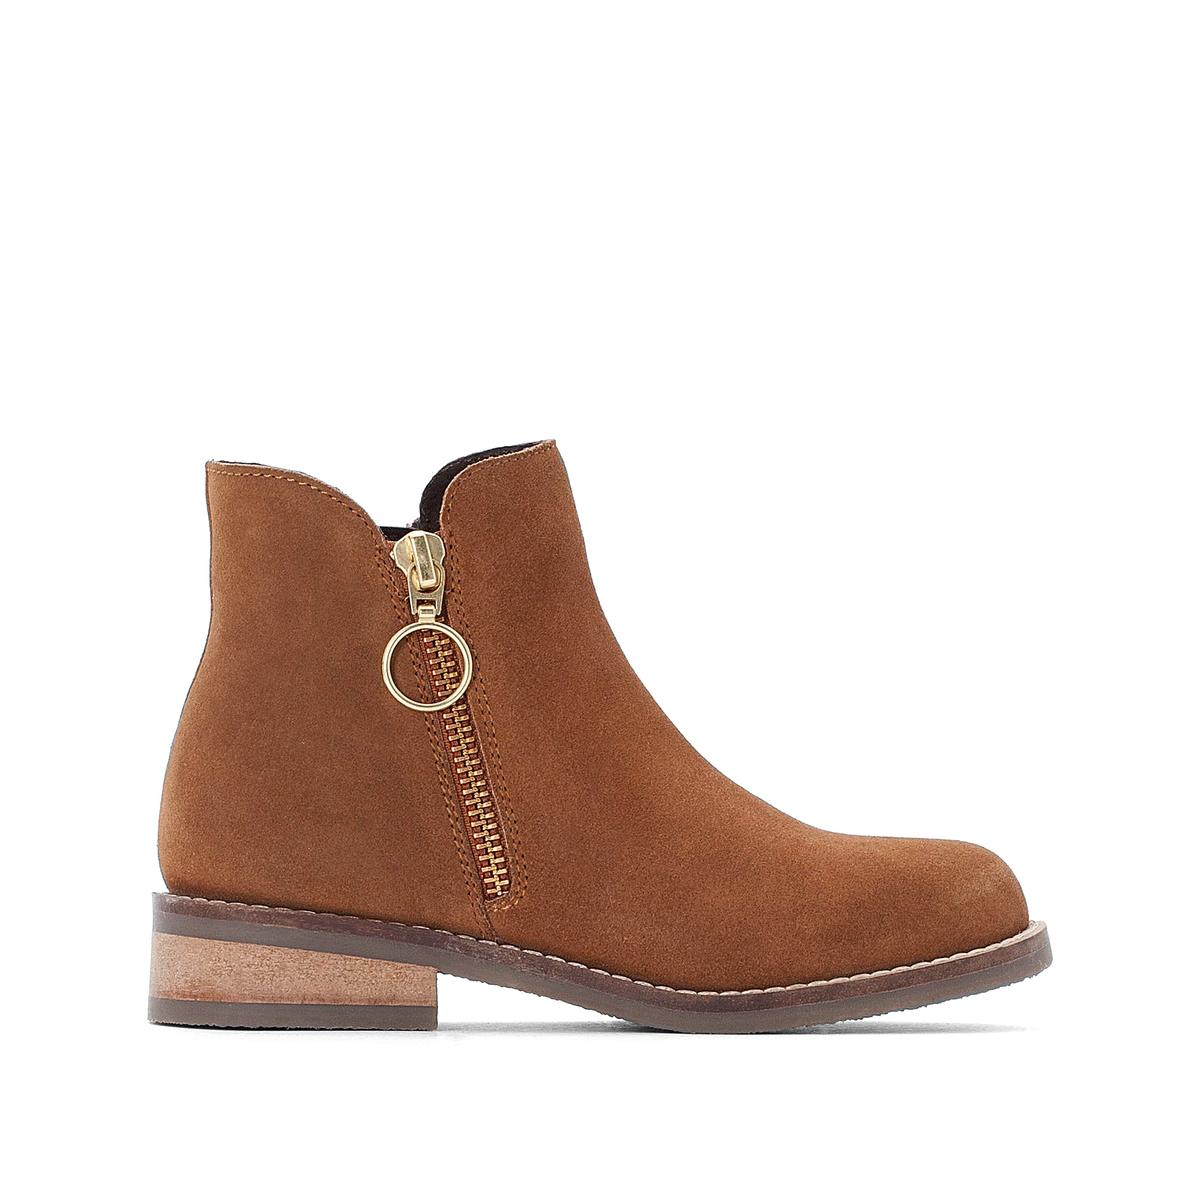 цена Ботинки La Redoute На молнии кожаные - 26 каштановый онлайн в 2017 году